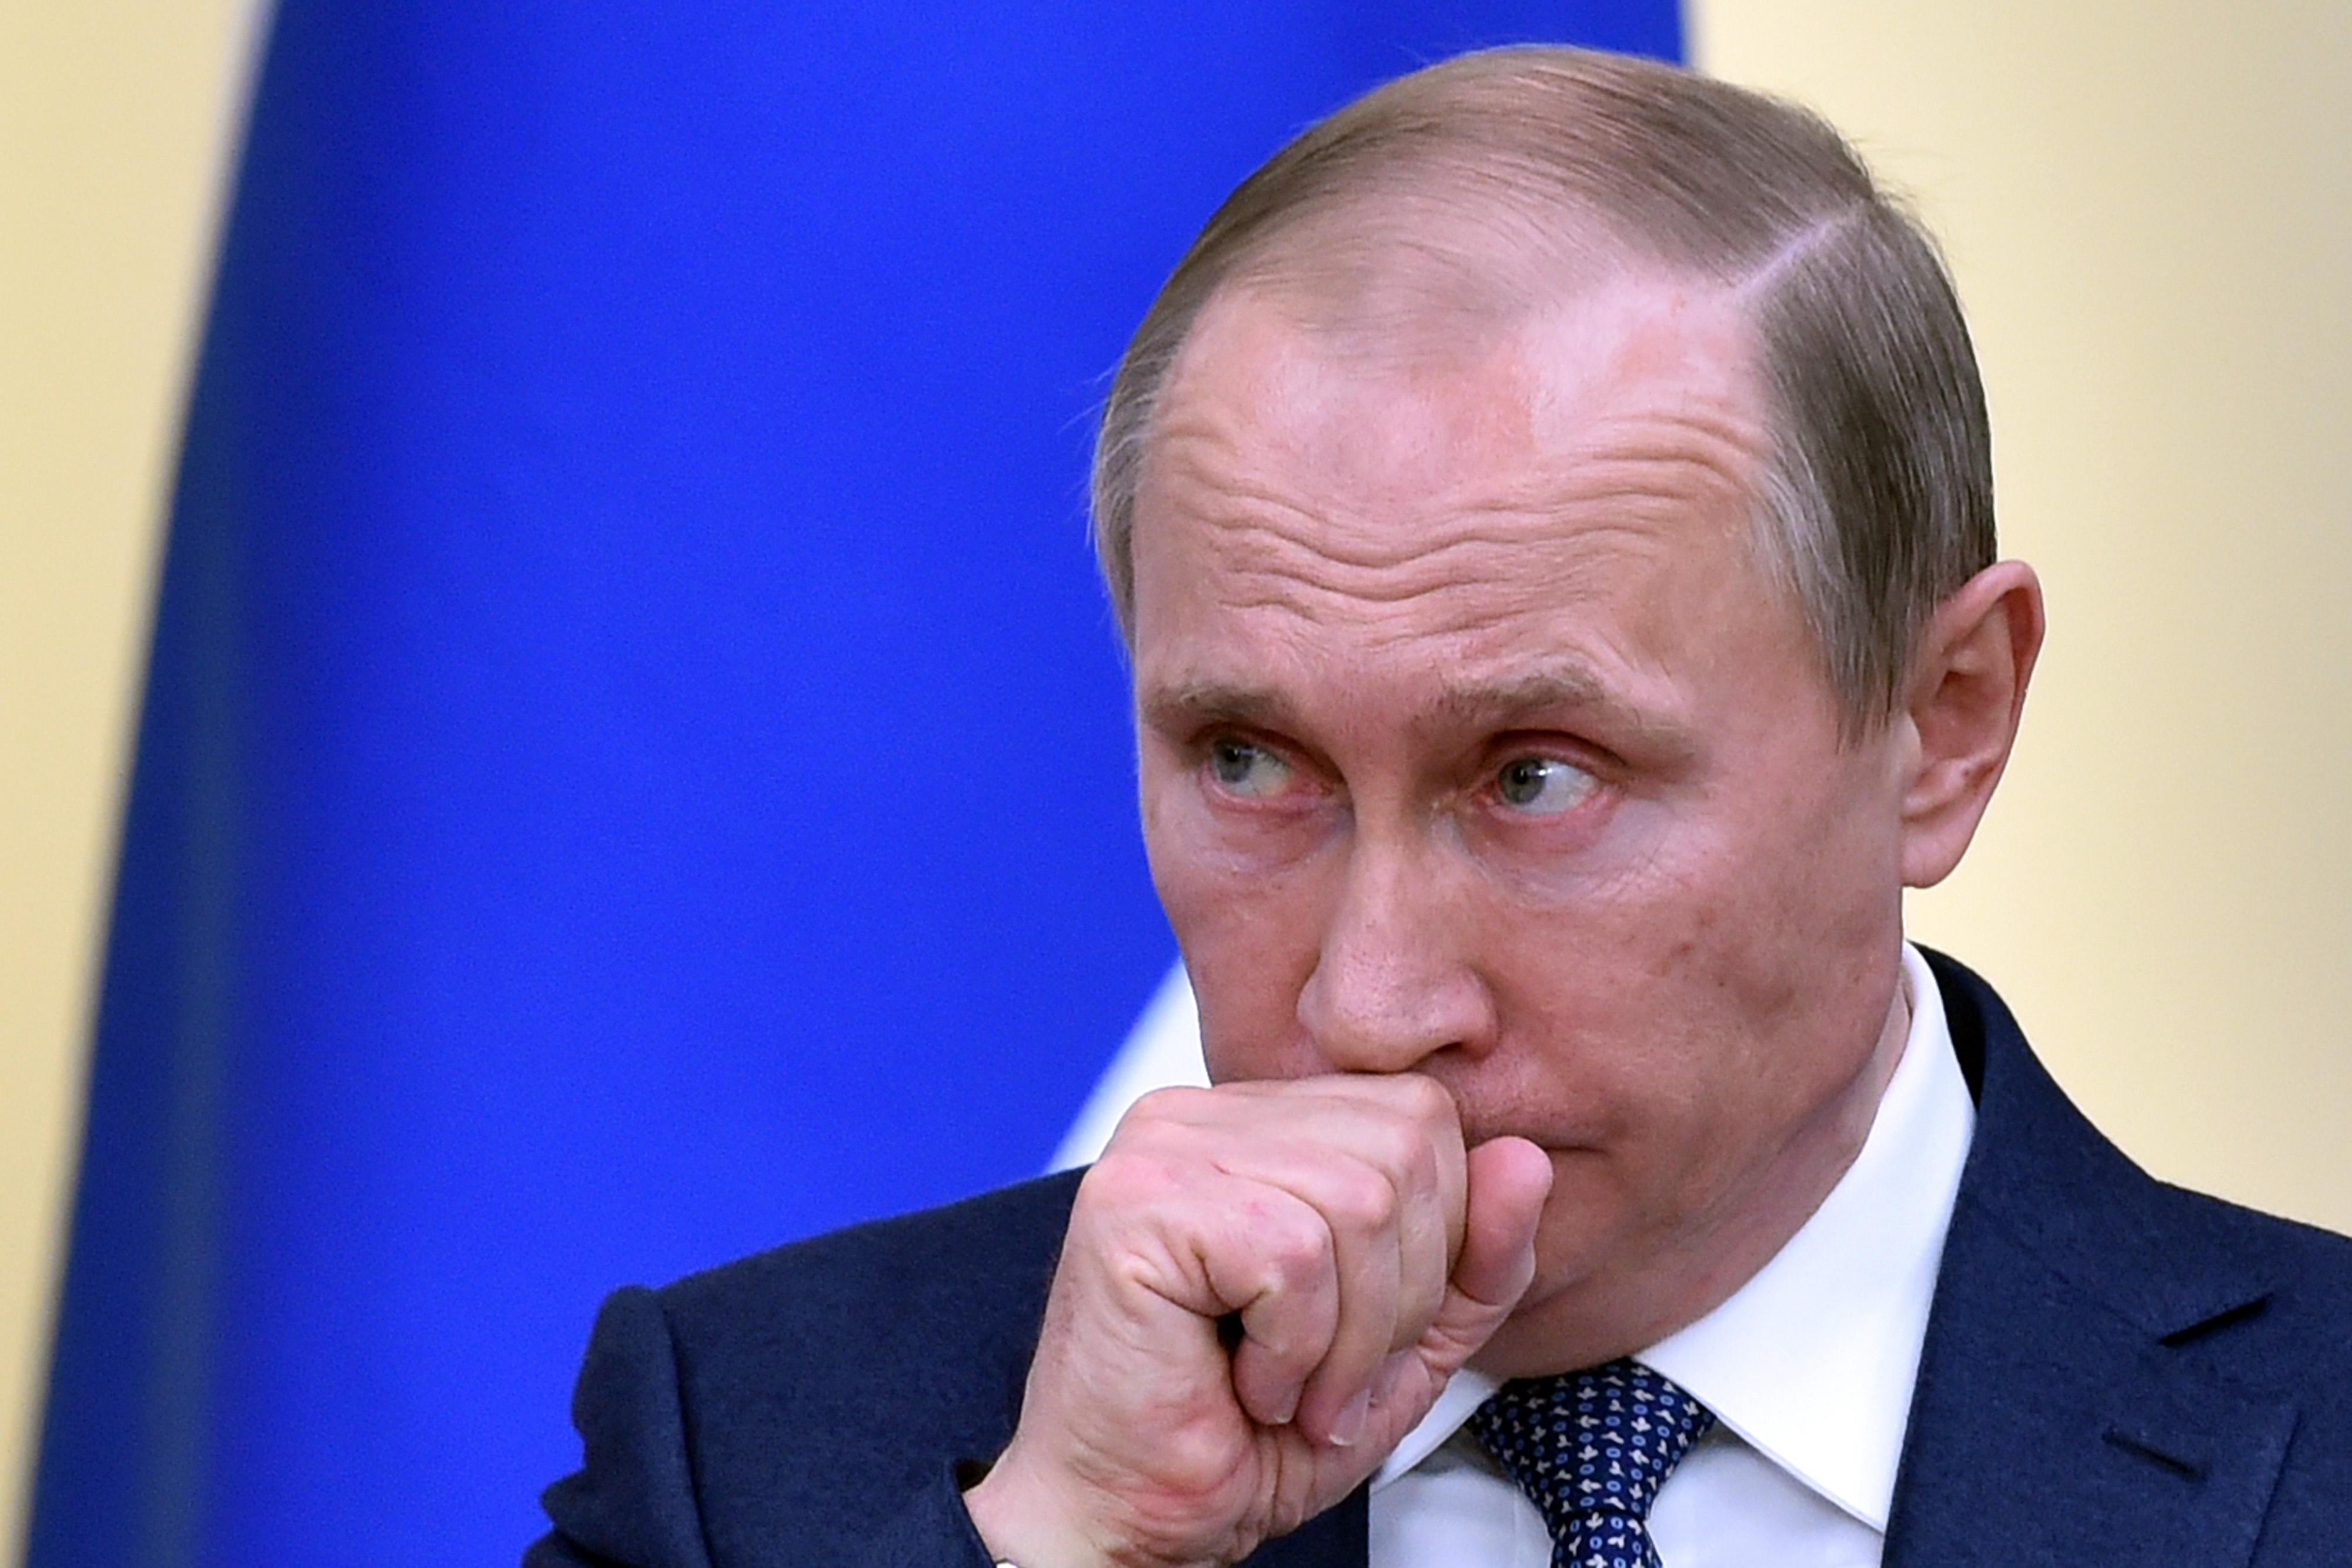 Acuzat de coruptie, Vladimir Putin si-a publicat declaratia de avere. Suma castigata de presedintele Rusiei in 2015